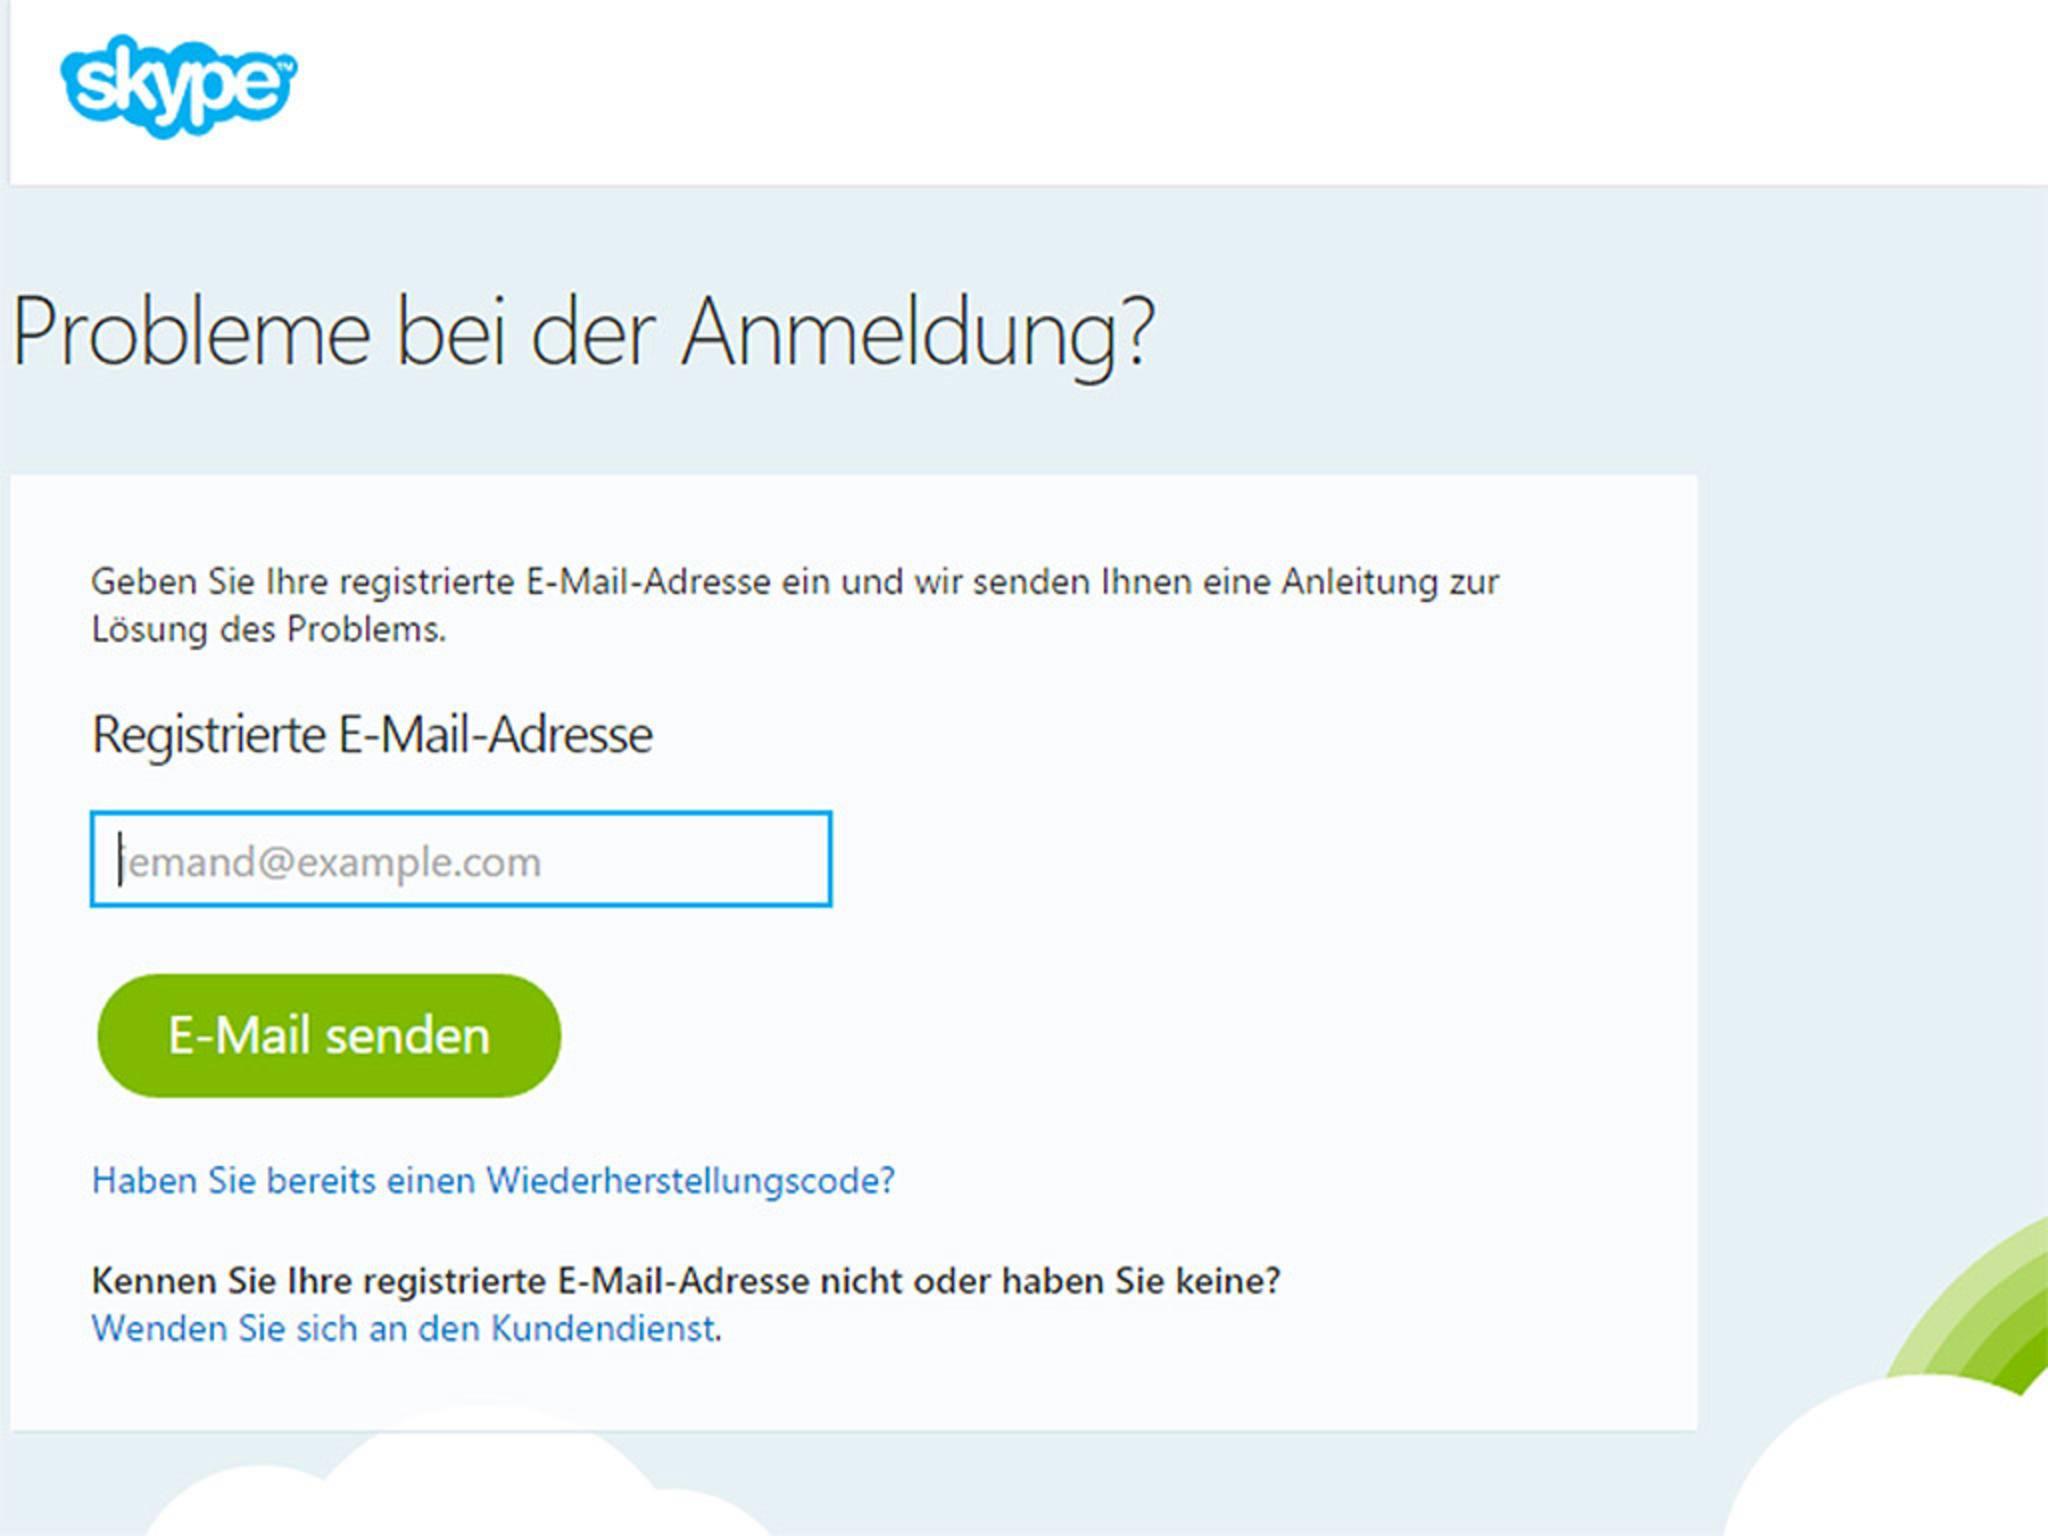 """Dann musst Du lediglich Deine E-Mail-Adresse angeben und auf """"E-Mail senden"""" klicken."""